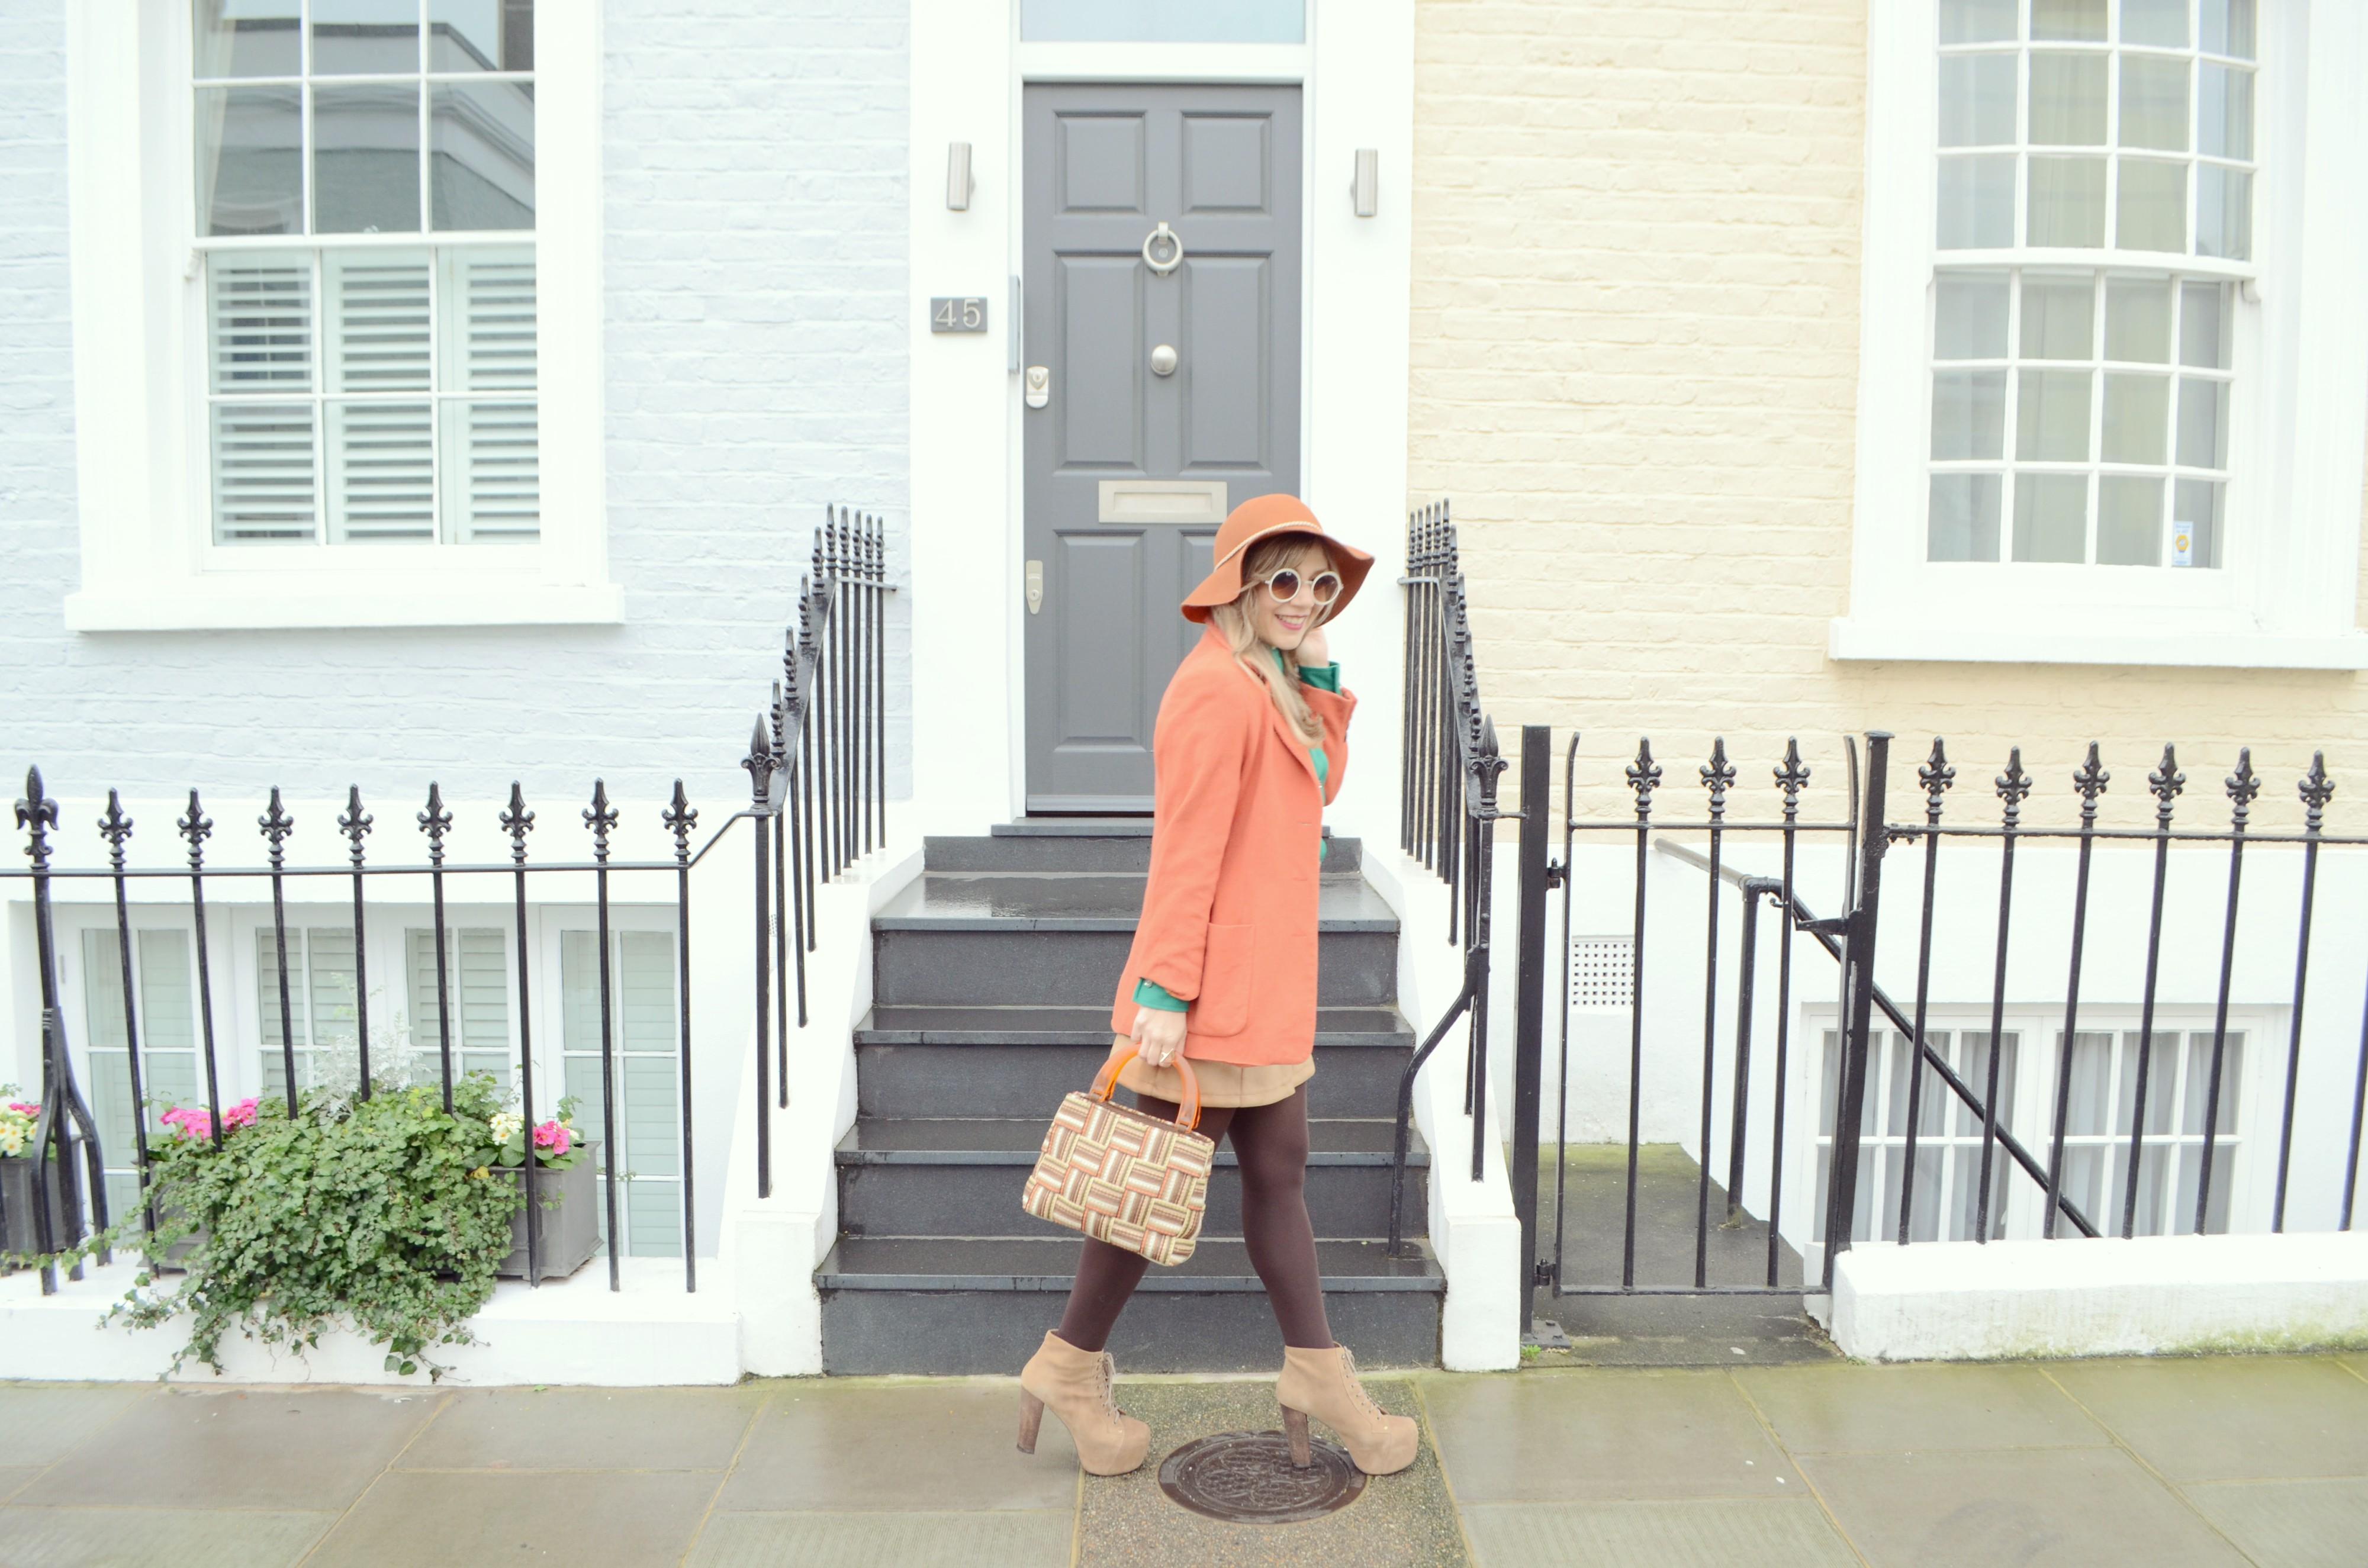 Blog-de-moda-ChicAdicta-Chic-Adicta-vintage-ante-look-JustFab-skirt-Jeffrey-Campbell-shoes-tendencias-primavera-PiensaenChic-Piensa-en-Chic